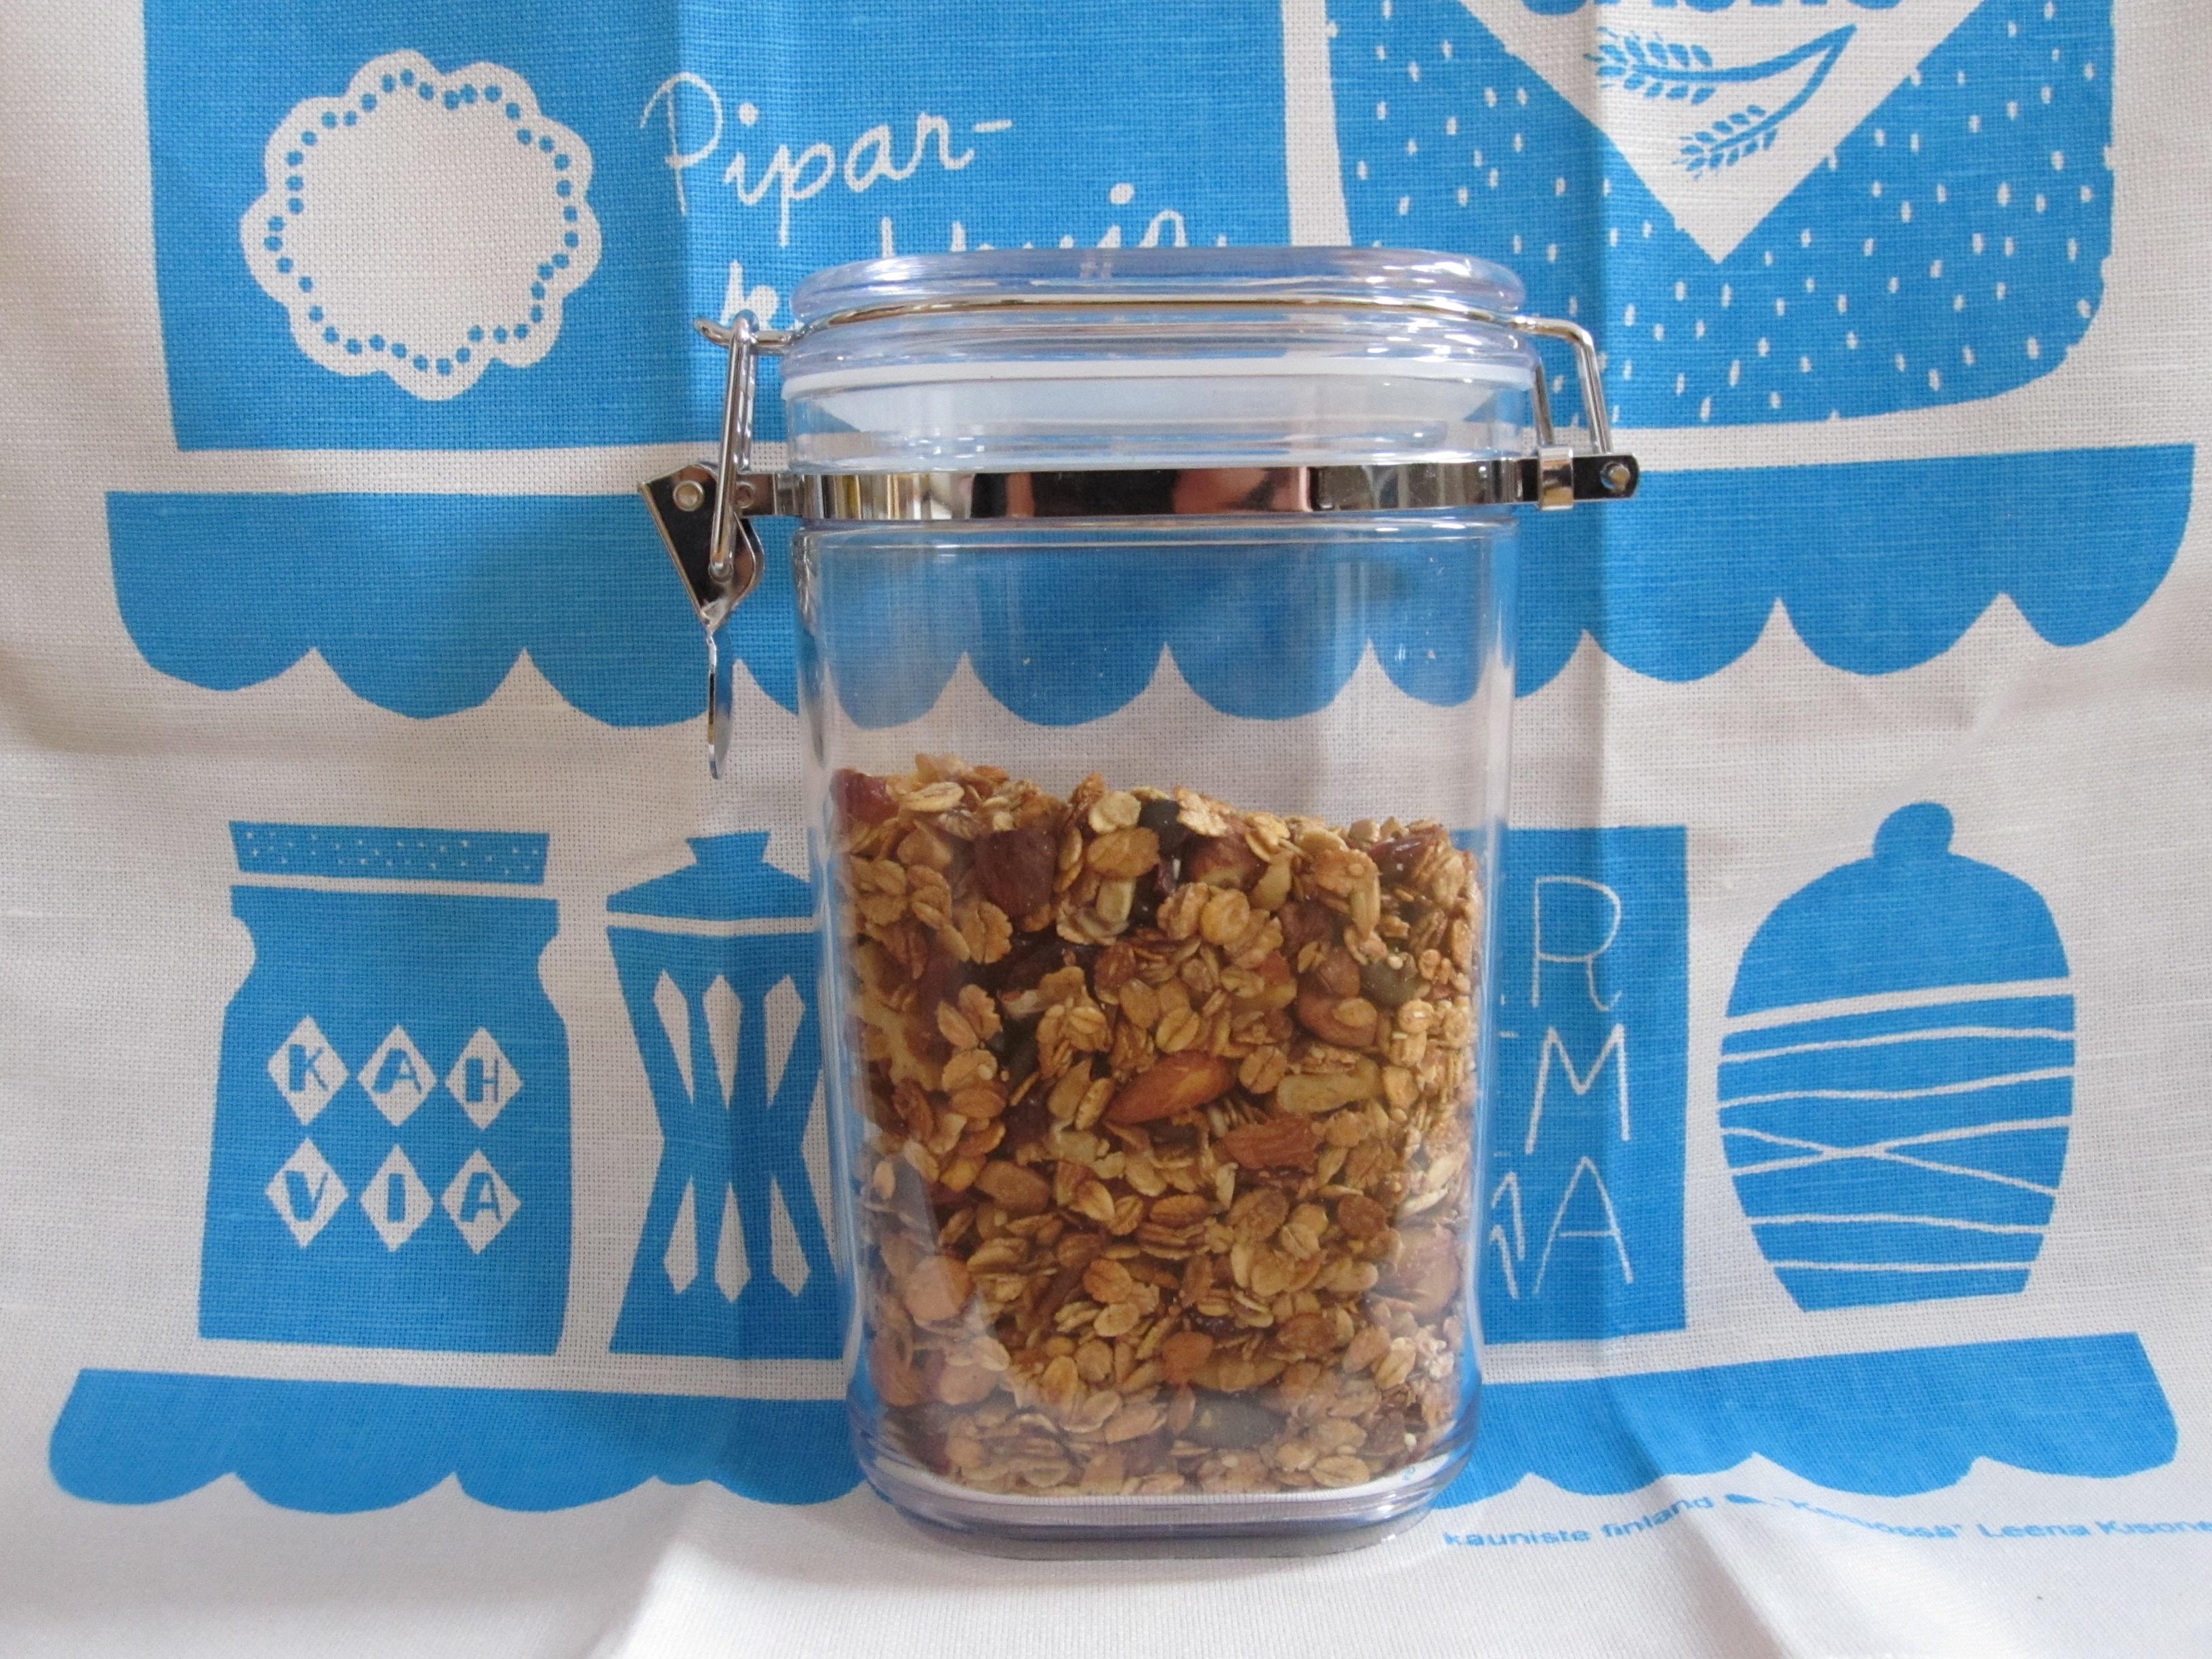 Granola statt Grau: Schick dein Müsli auf die Sonnenbank!